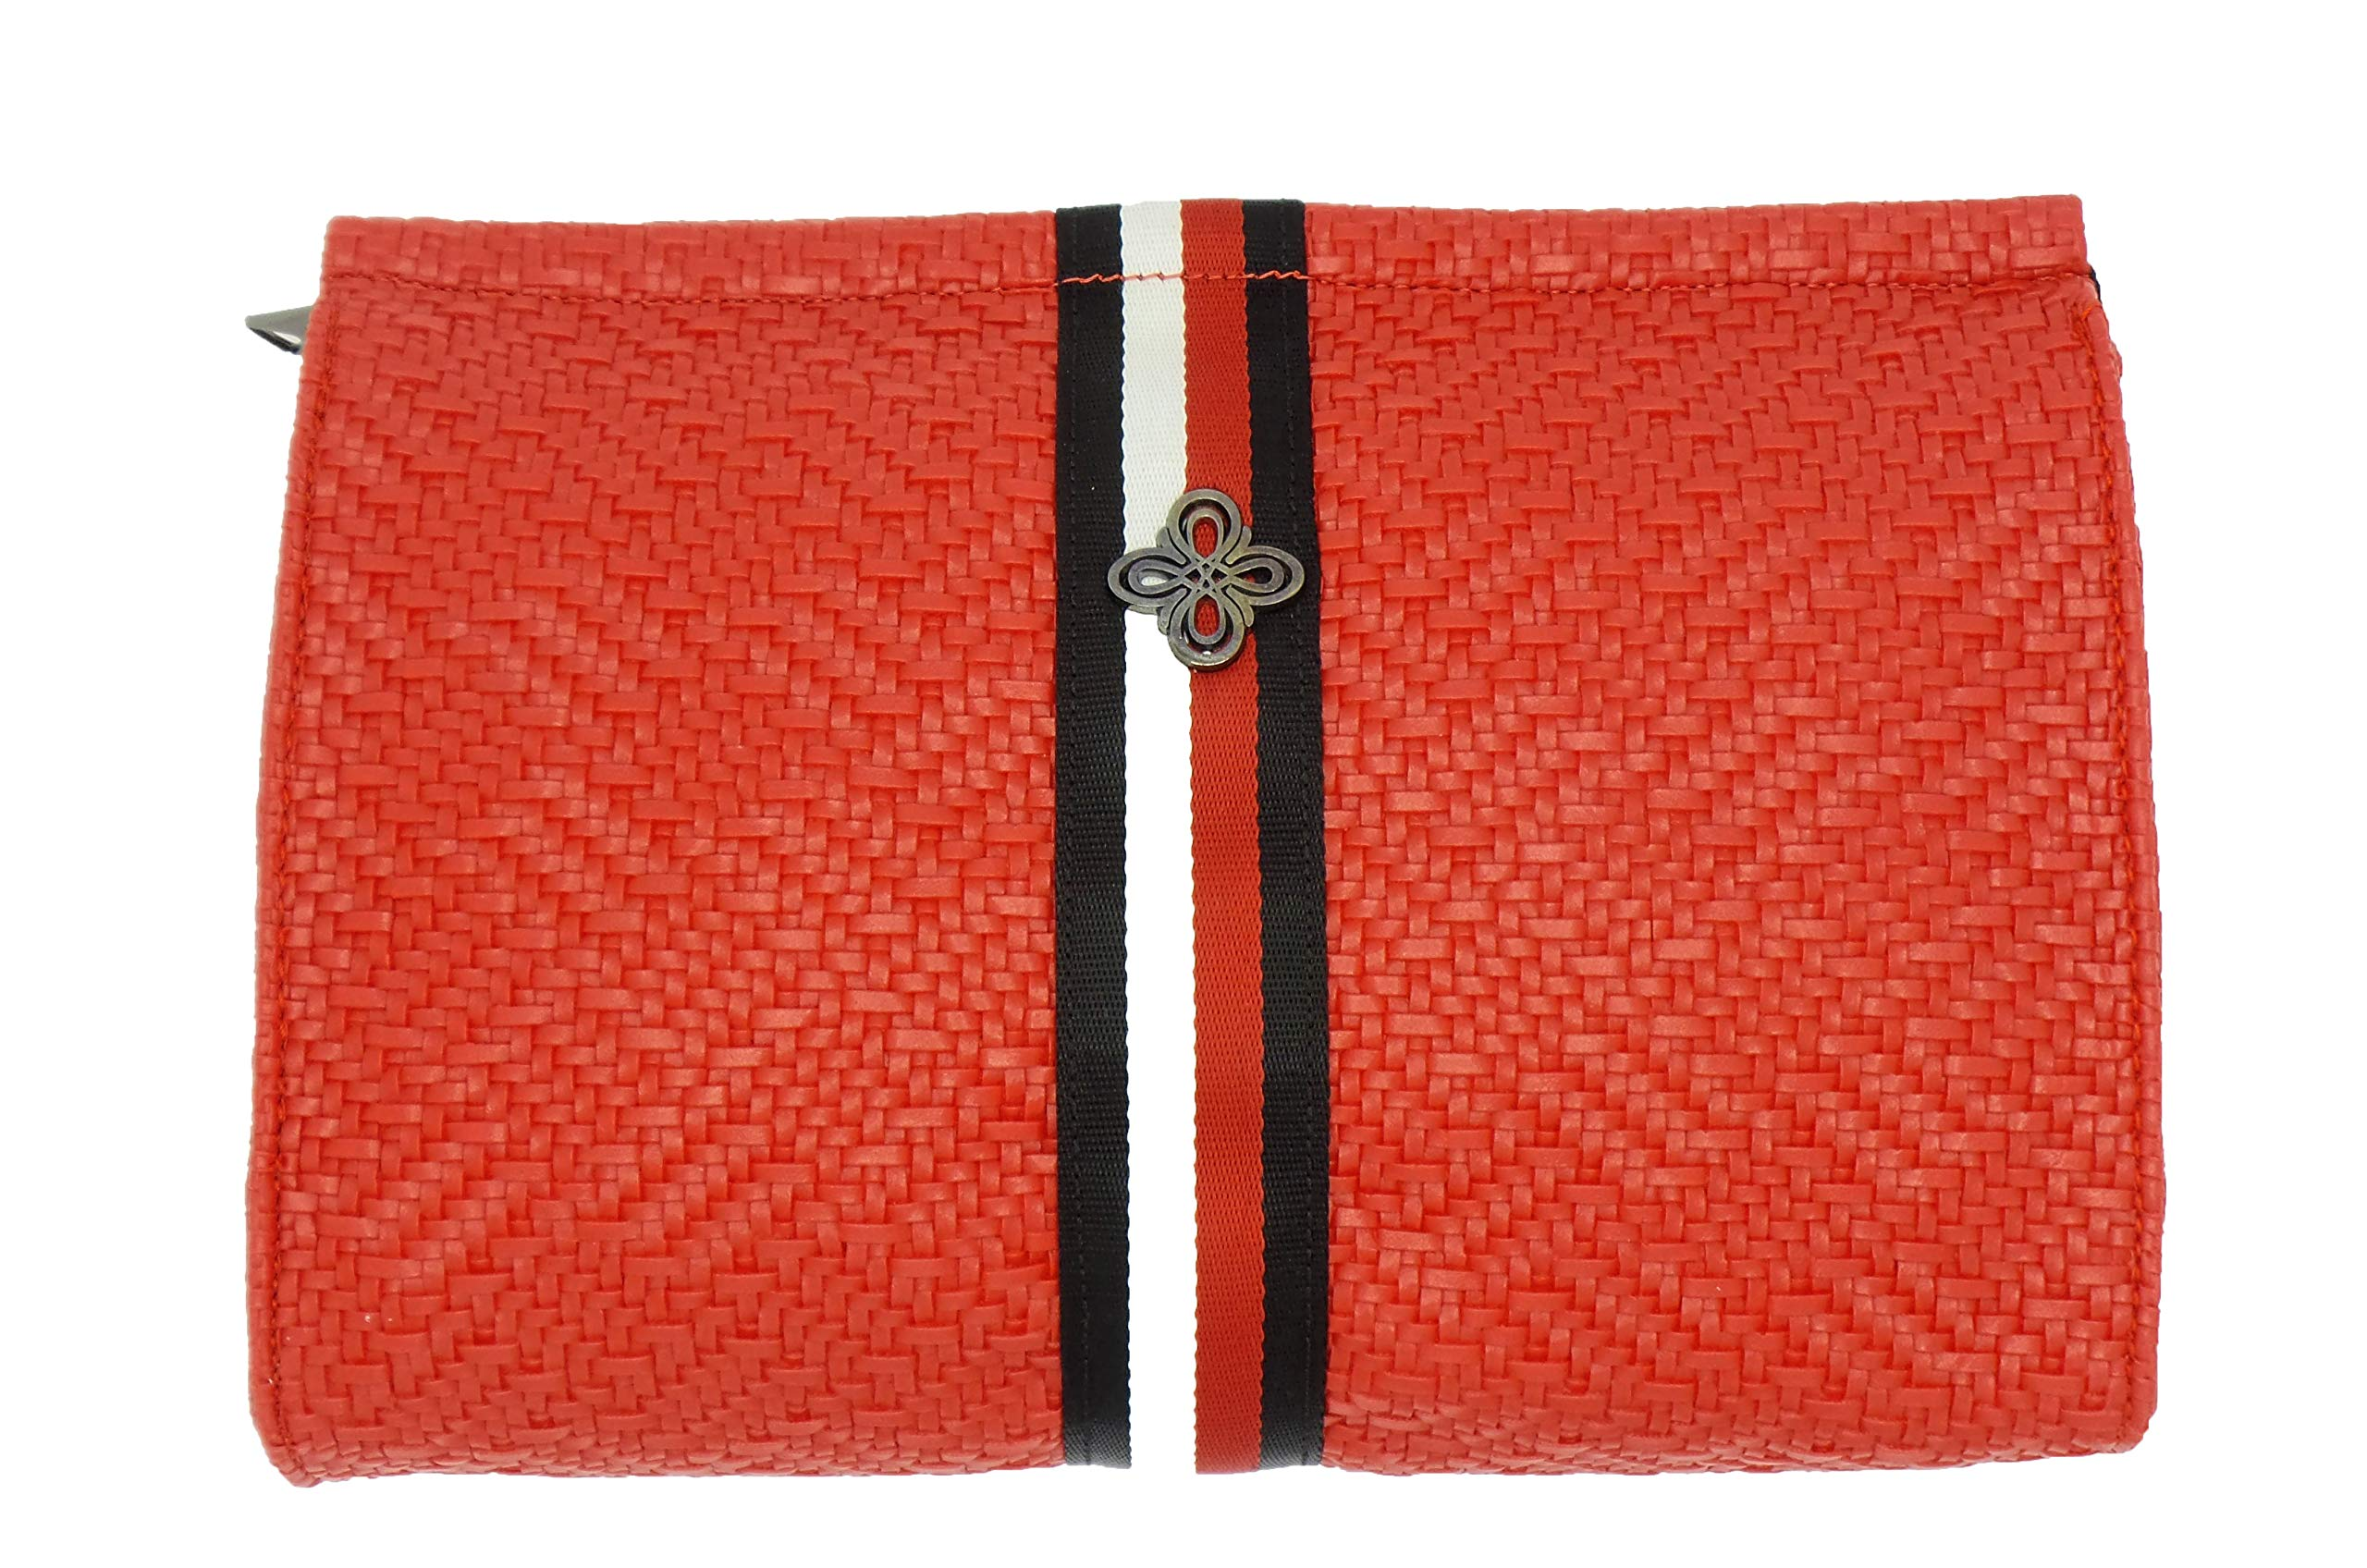 女式斜挎包、钱包和手提包,时尚潮流编织手肩包带和多口袋购物篮袋